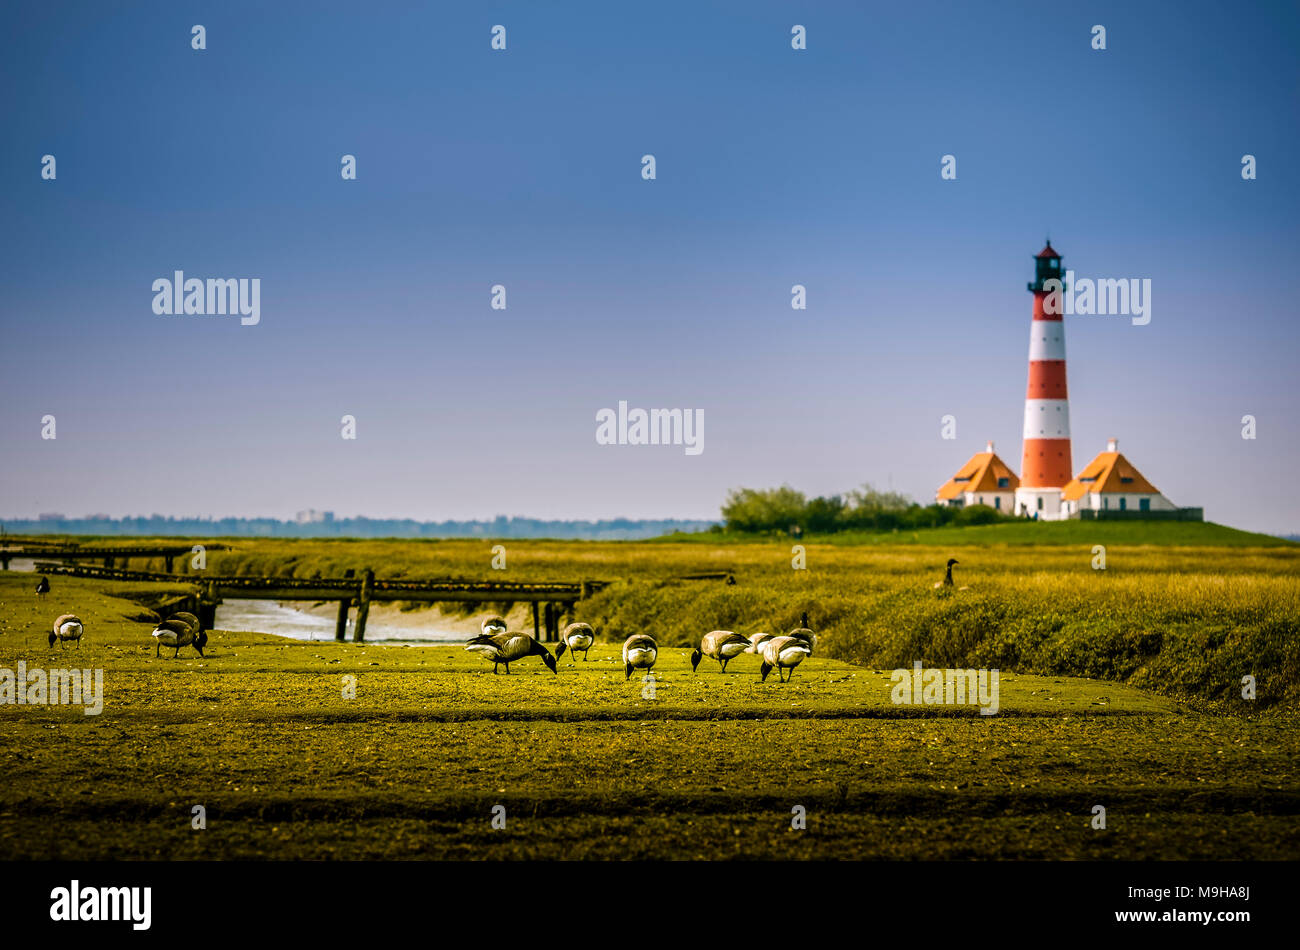 Deutschland, Schleswig-Holstein, Nordfriesland, Eiderstedt, St. Peter-Ording, Strand - Stock Image